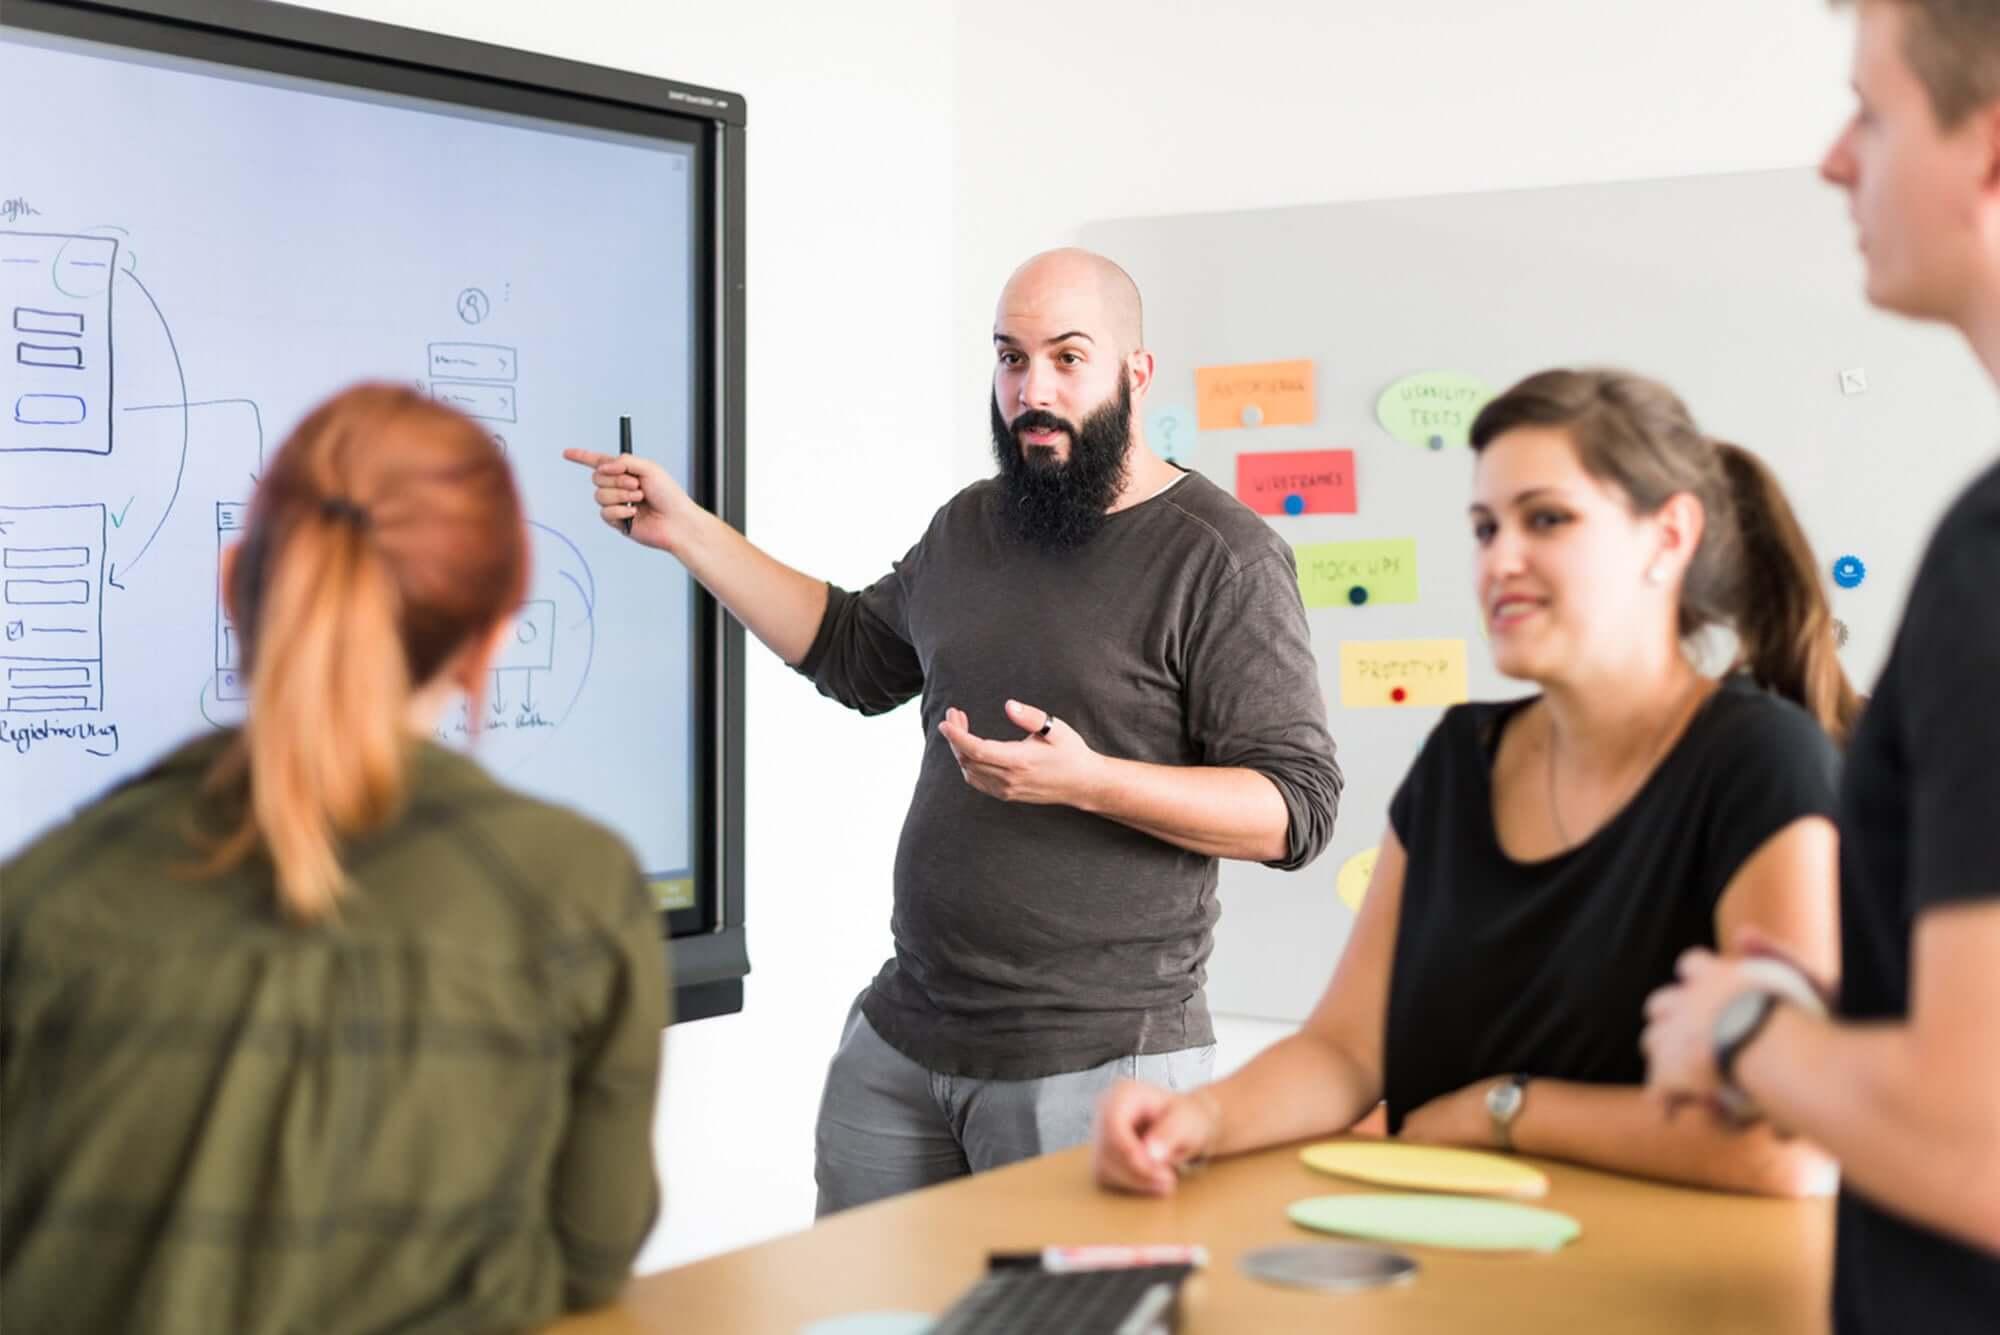 Personen in einem Ideen-Workshop unterhalten sich